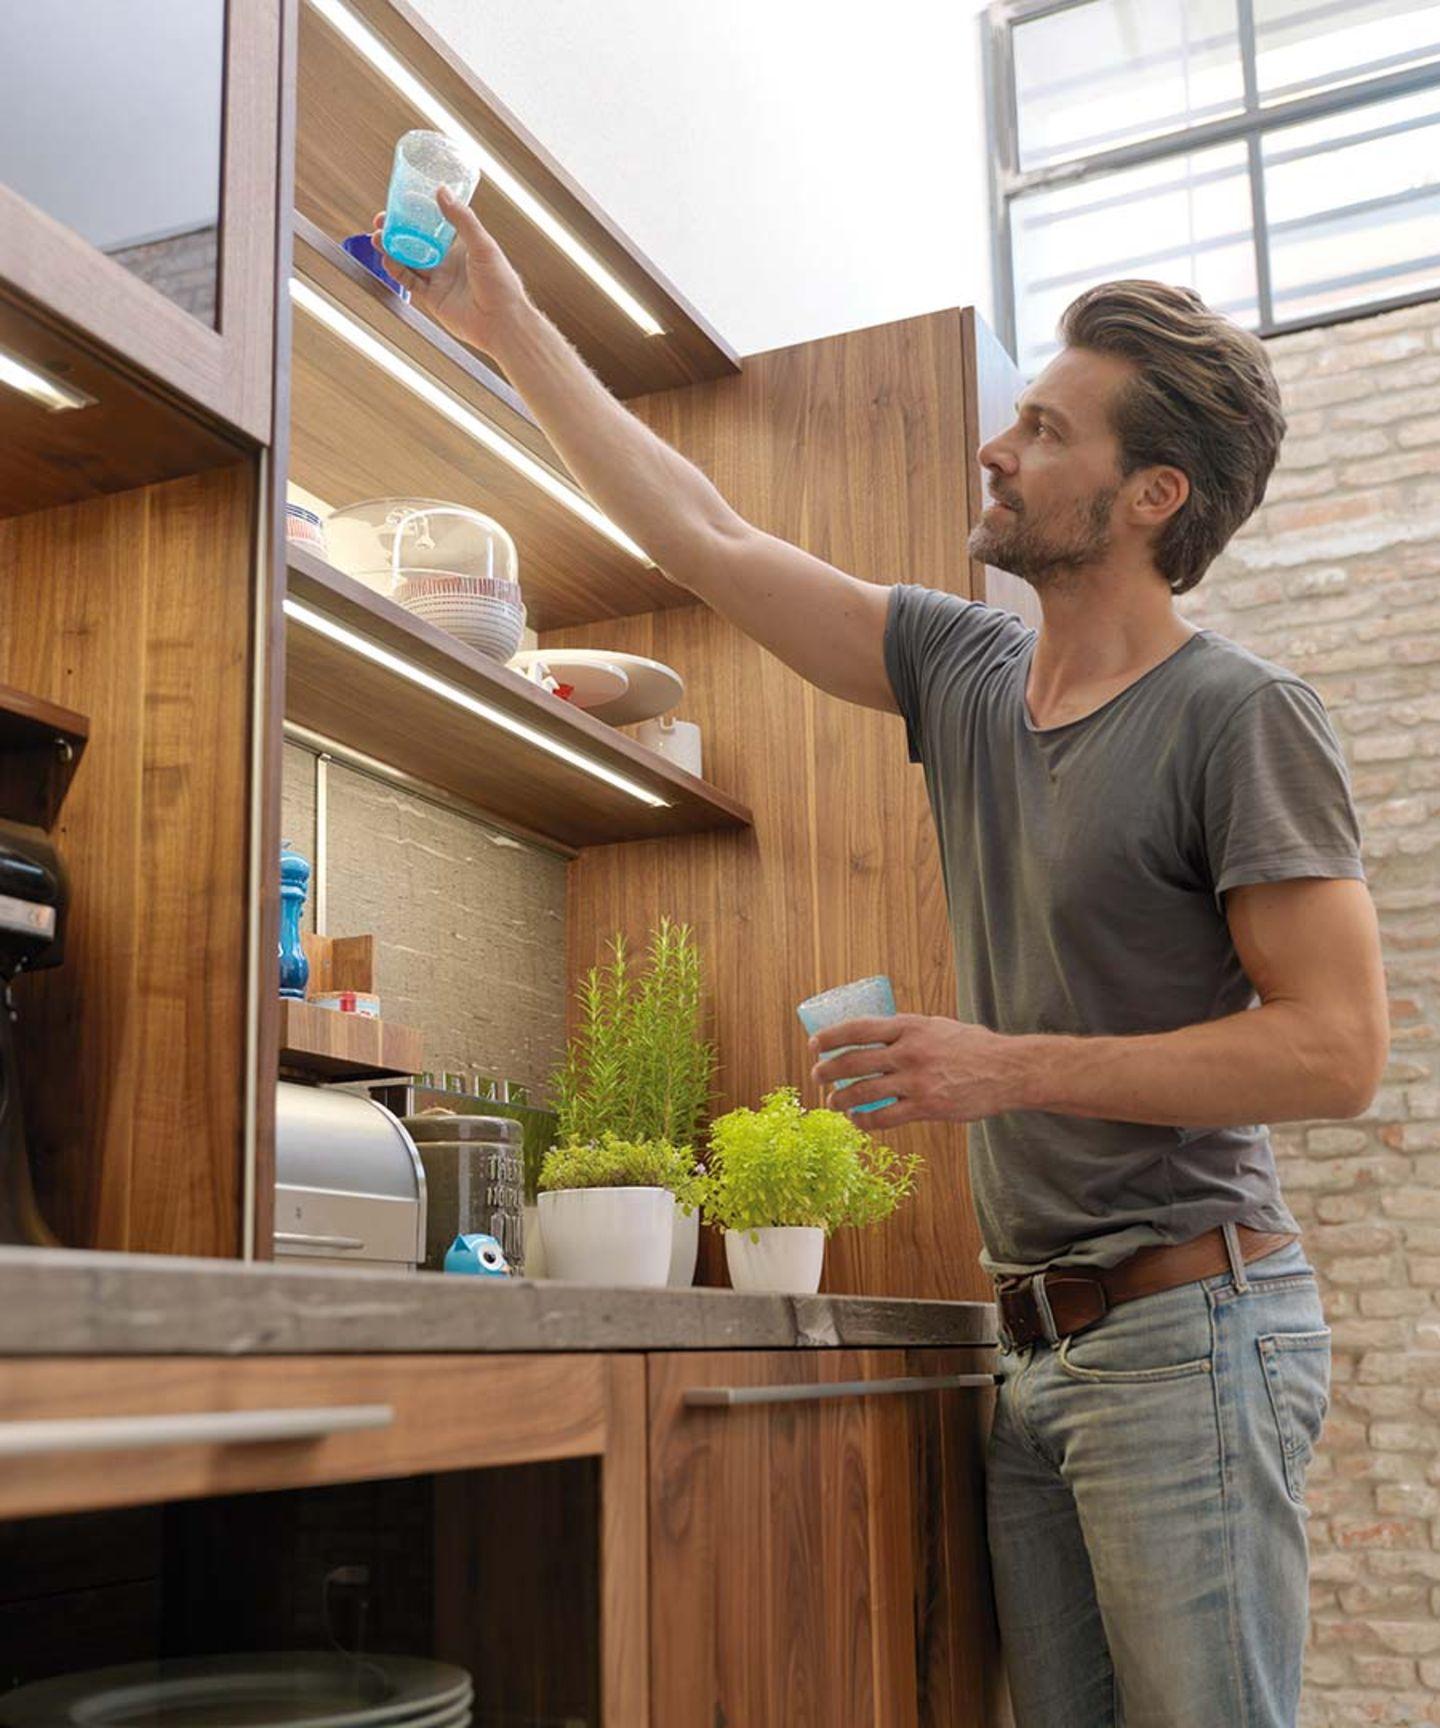 Cuisine loft en bois massif avec étagères ouvertes